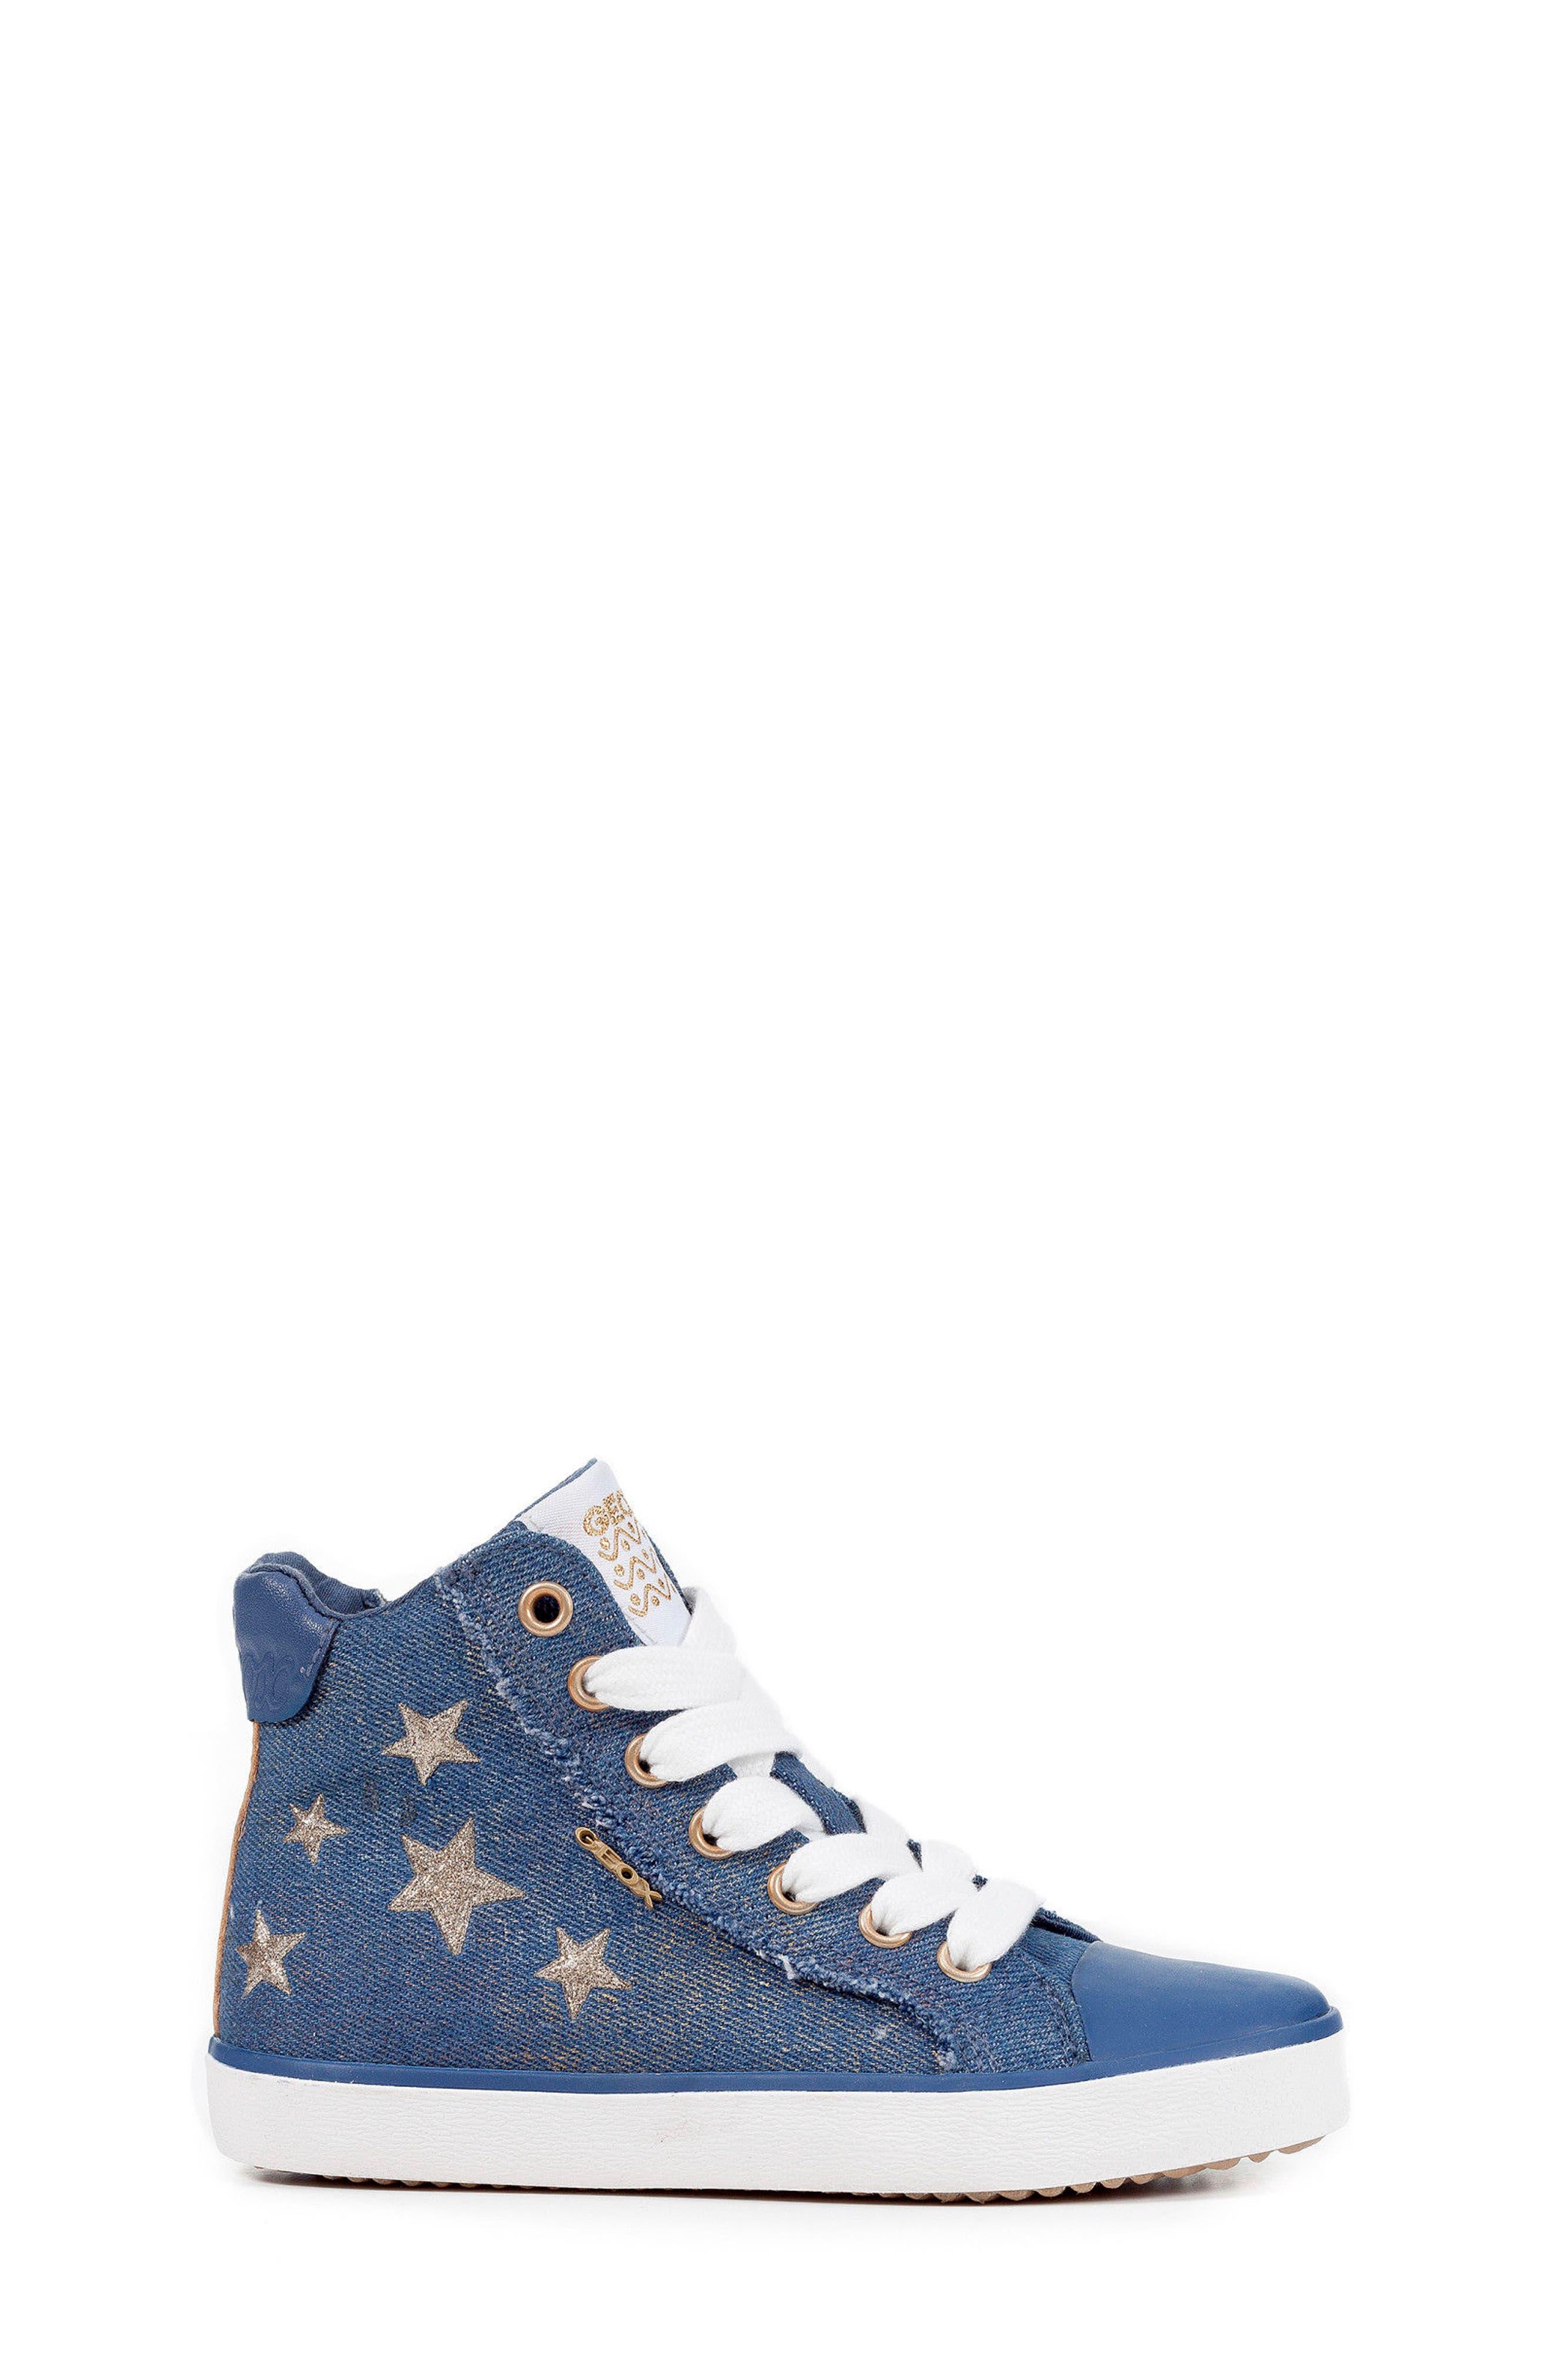 Kilwi High Top Zip Sneaker,                             Alternate thumbnail 3, color,                             Avio